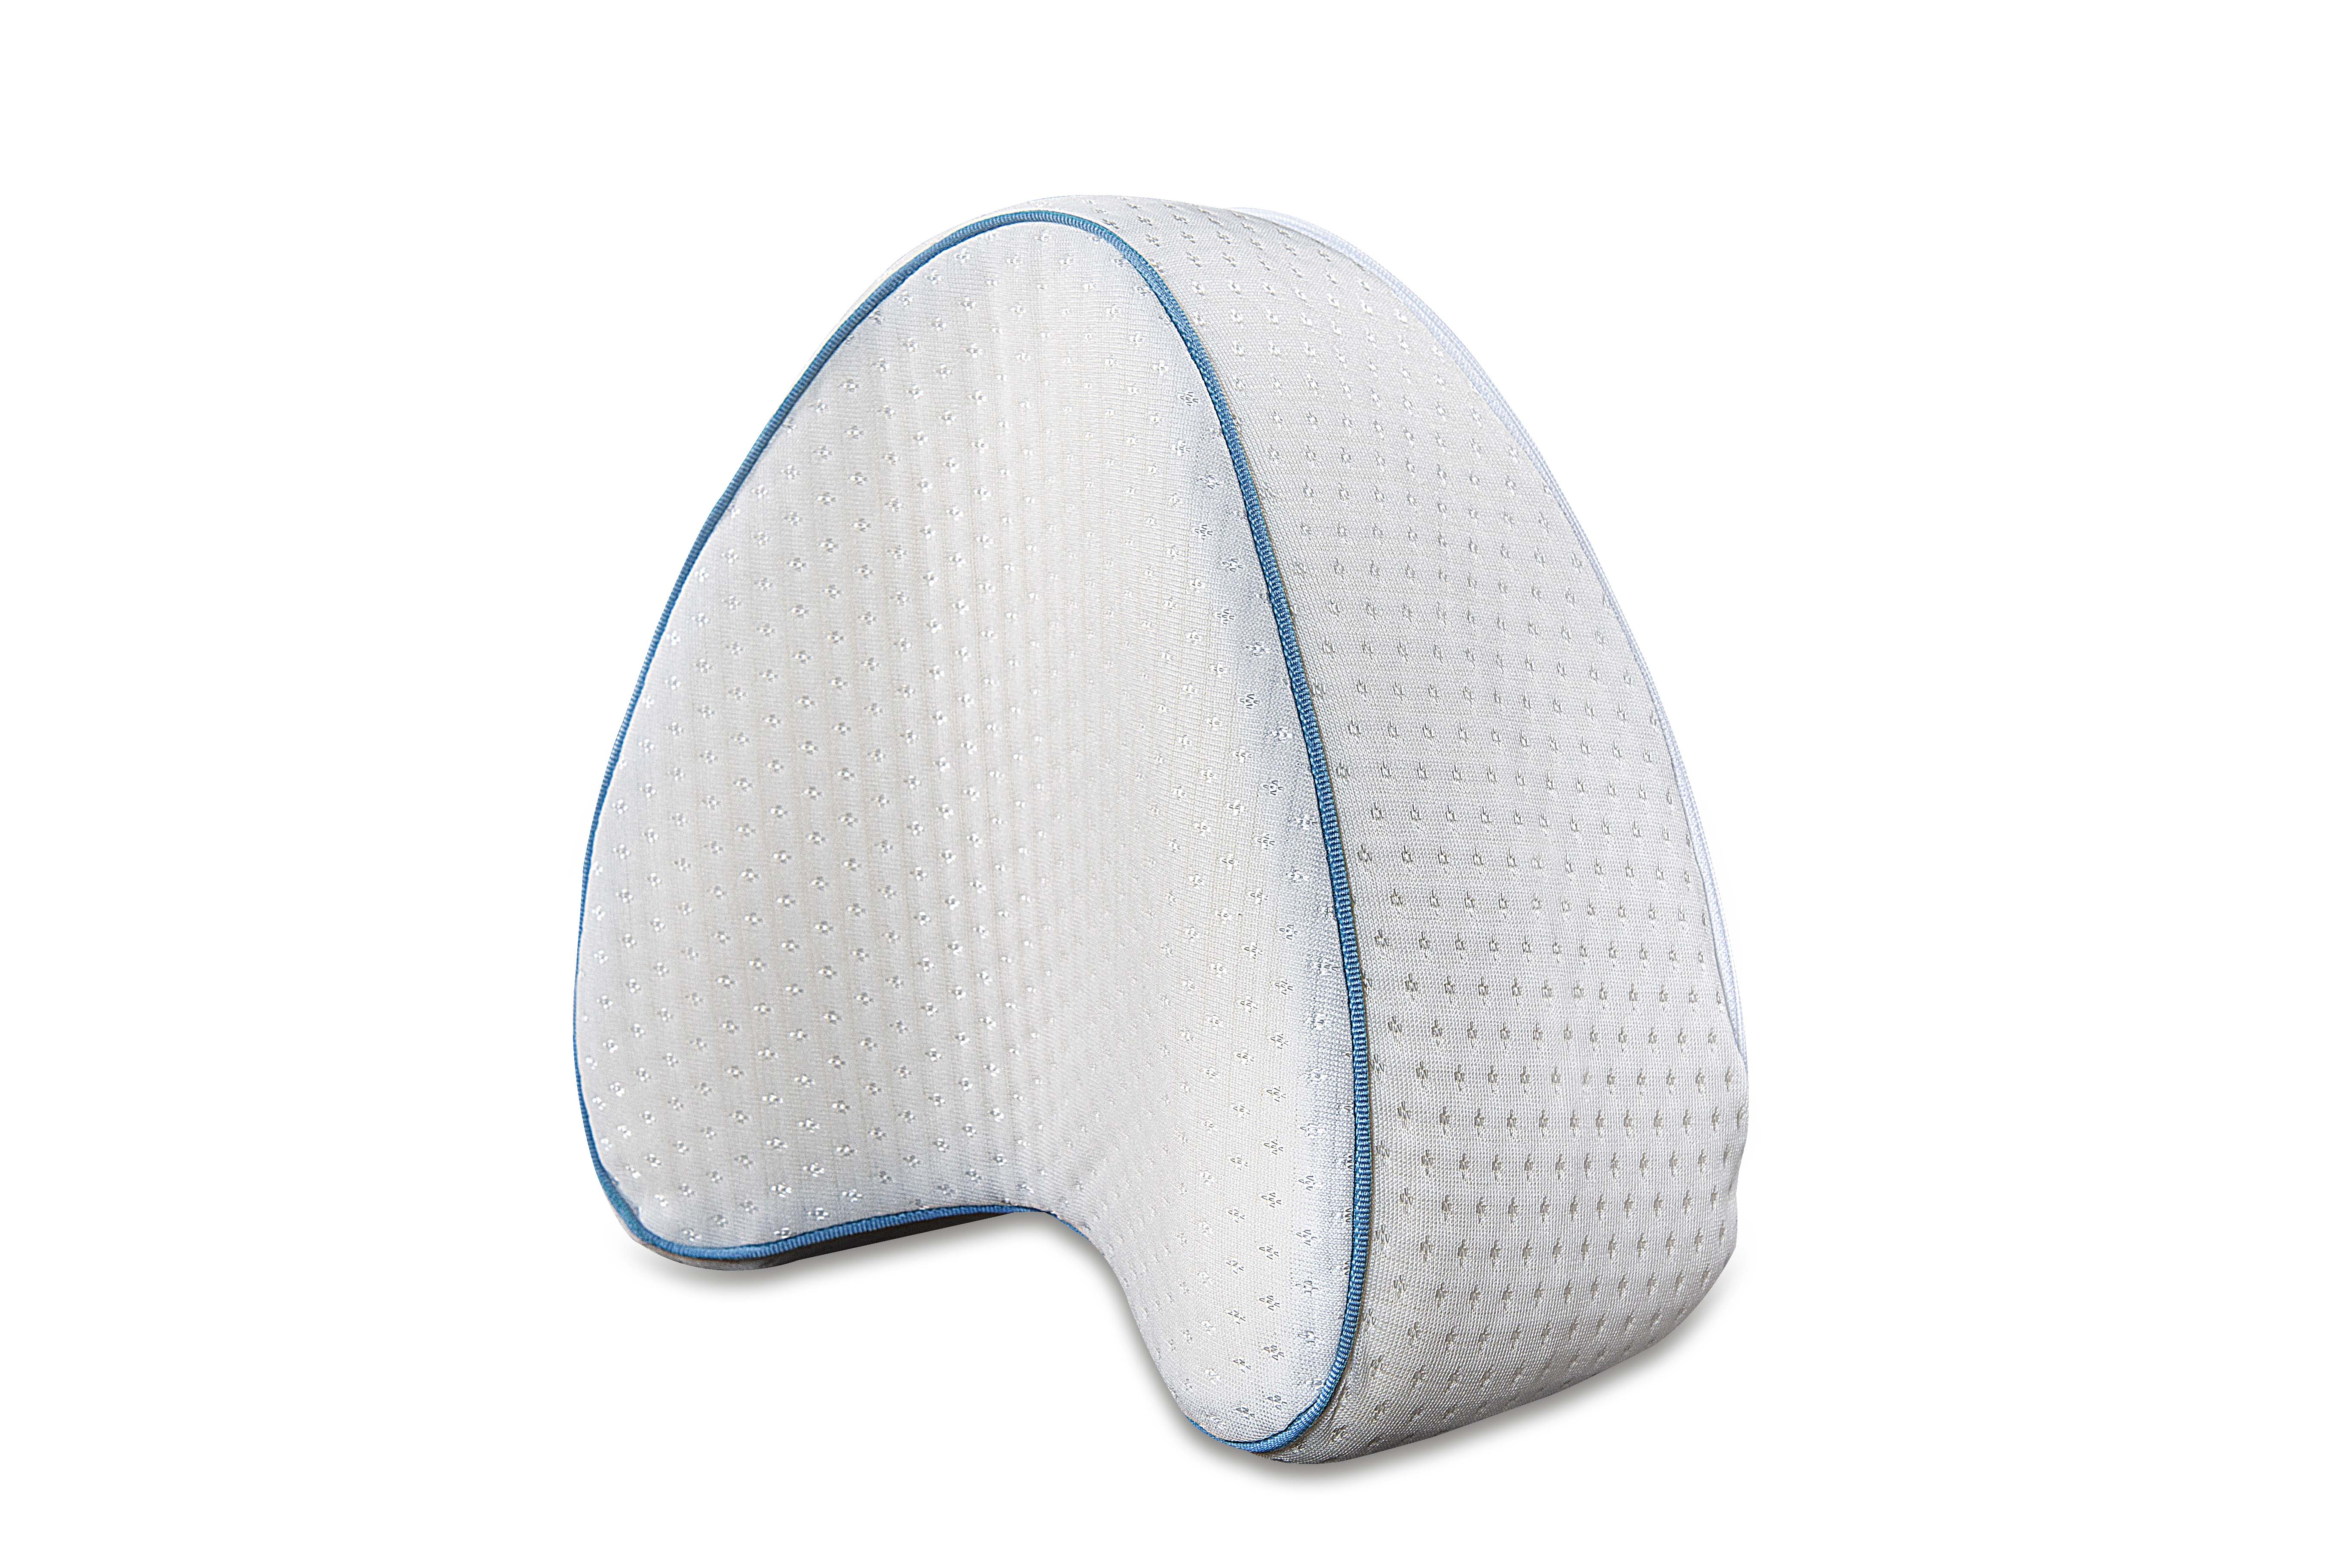 Cuscino per Gambe e Ginocchia Med Legs in Memory Foam utile per risolvere problemi legati al sonno